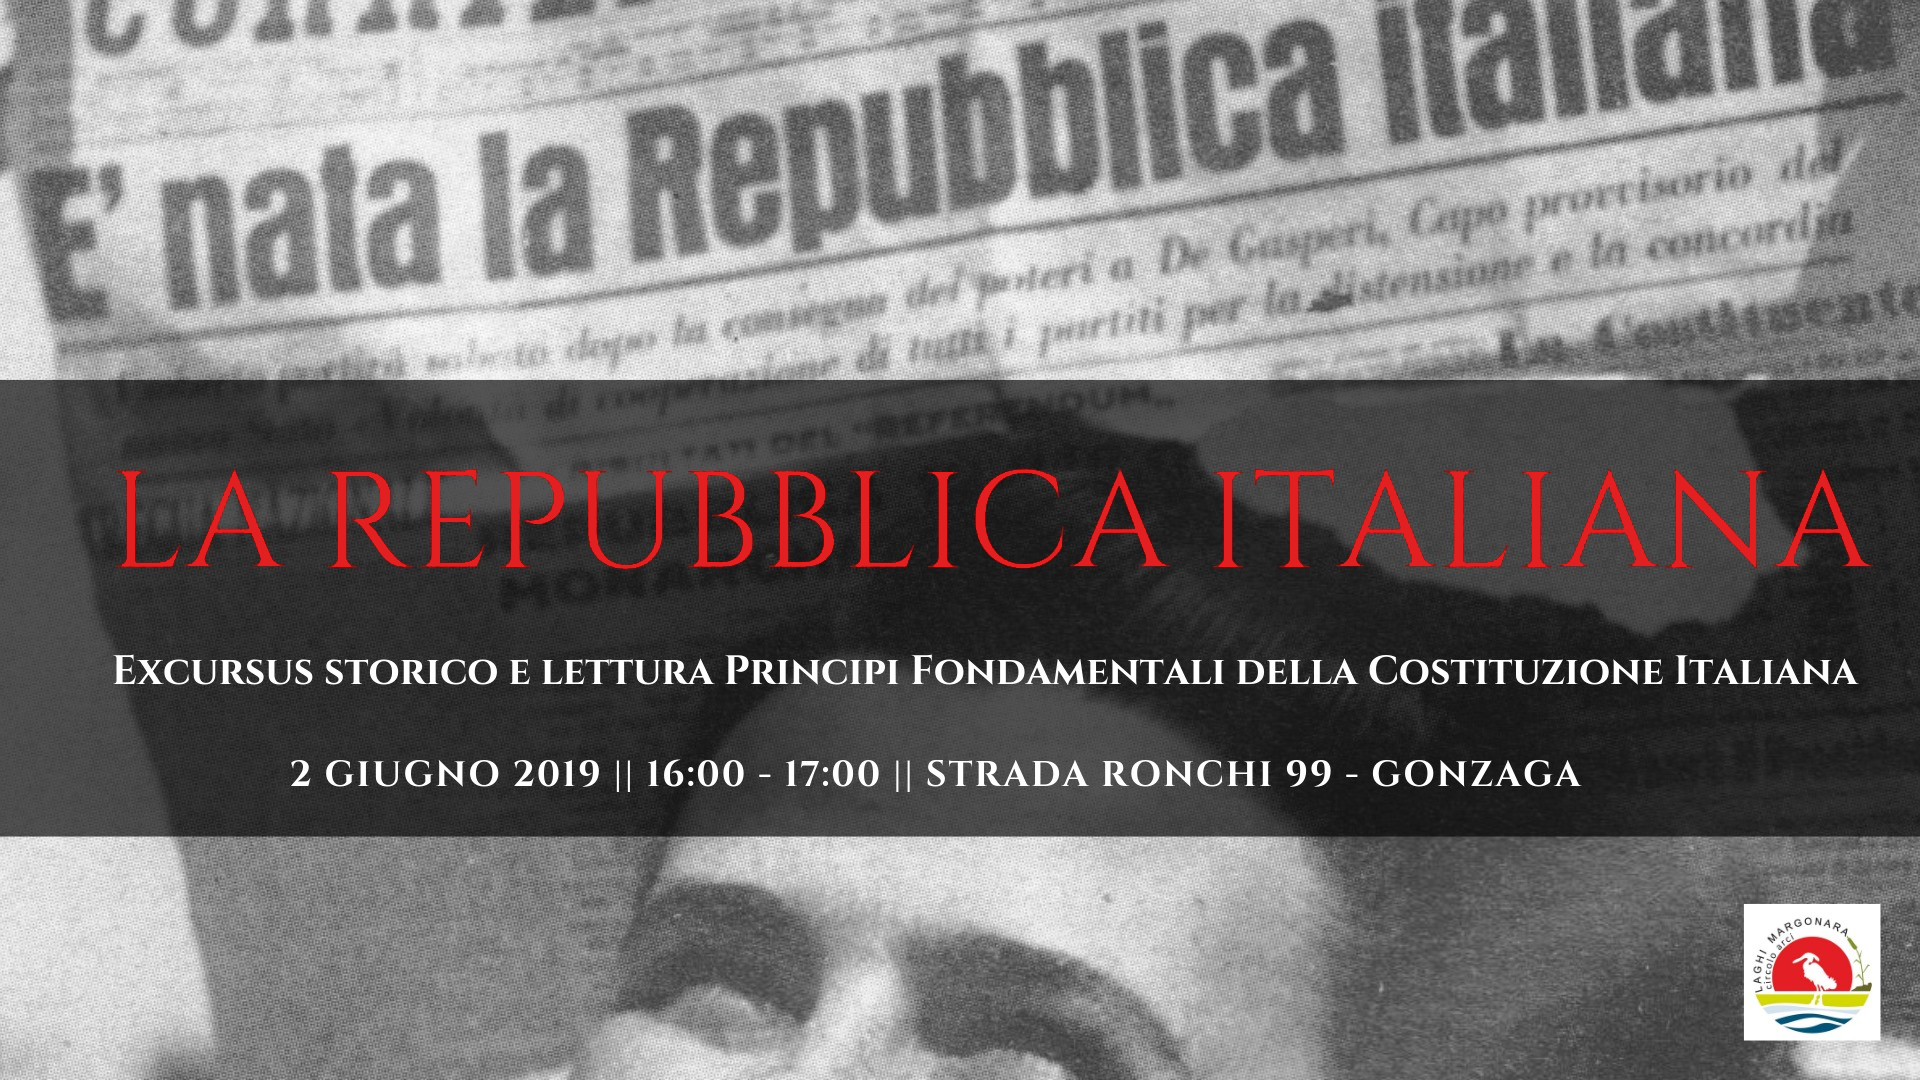 La repubblica italiana 1